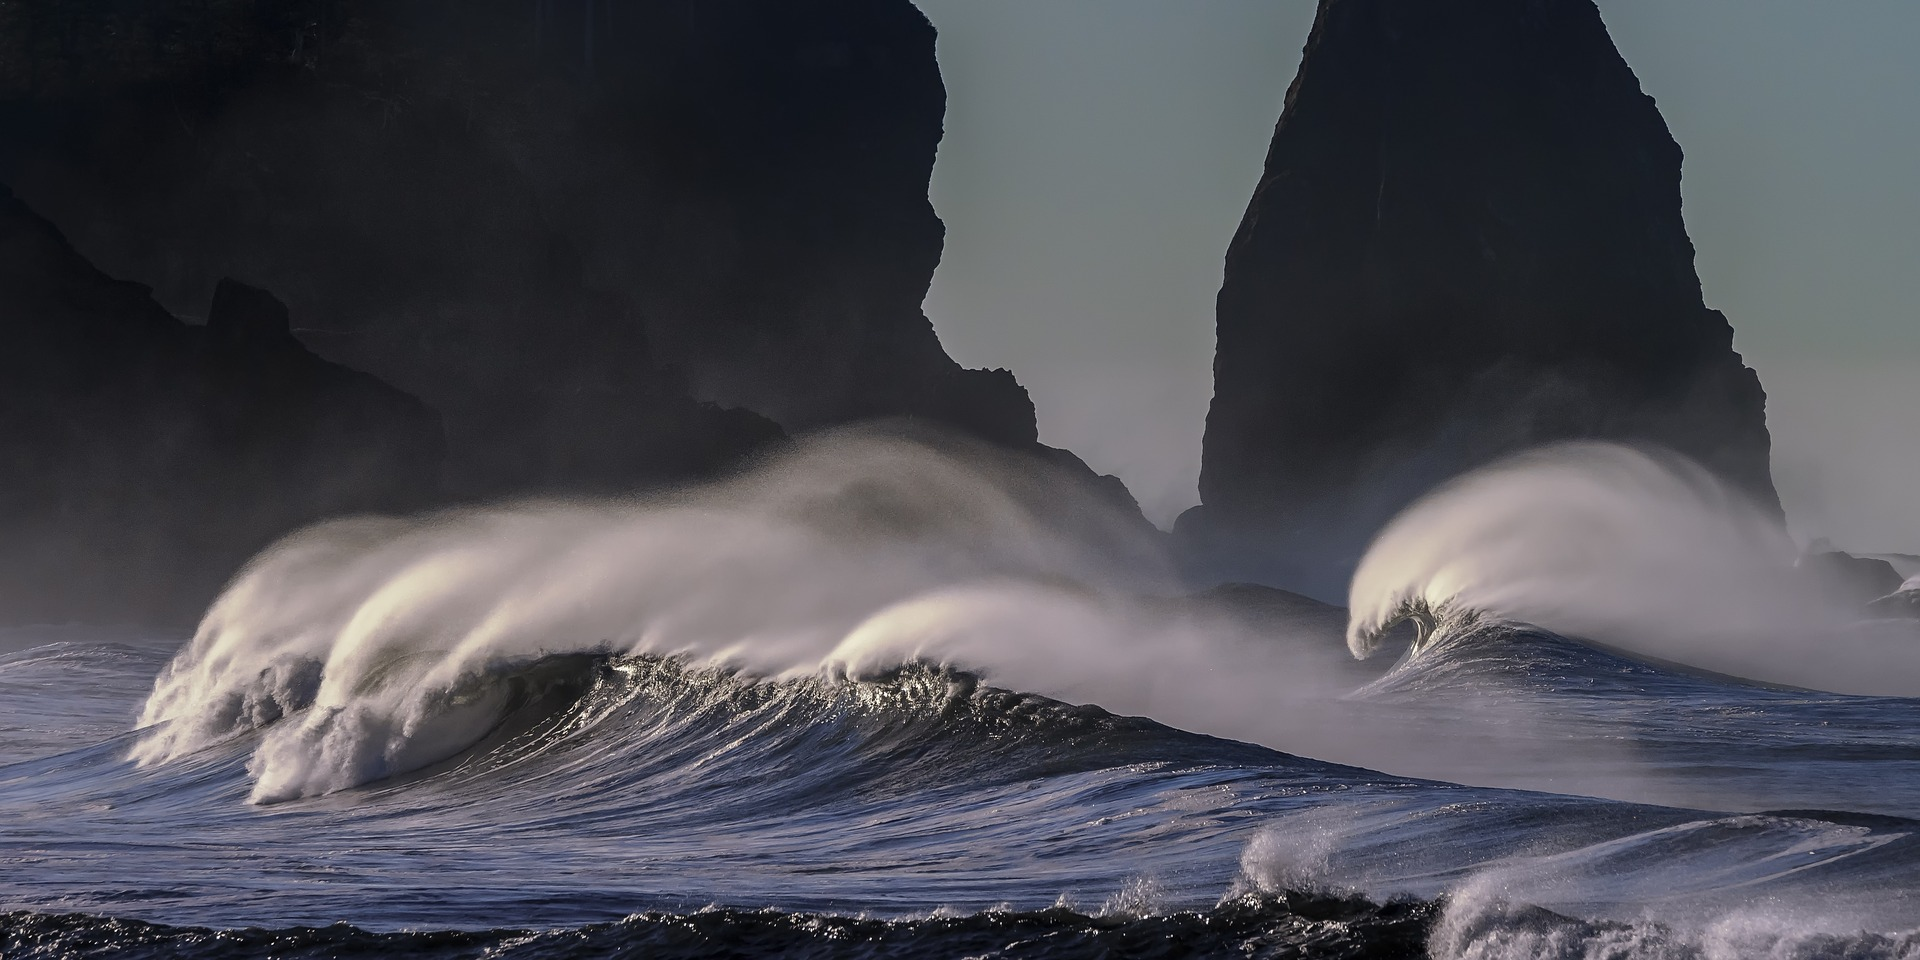 Stürmische Meeresbrandung - mit Achtsamkeit die Wellen reiten